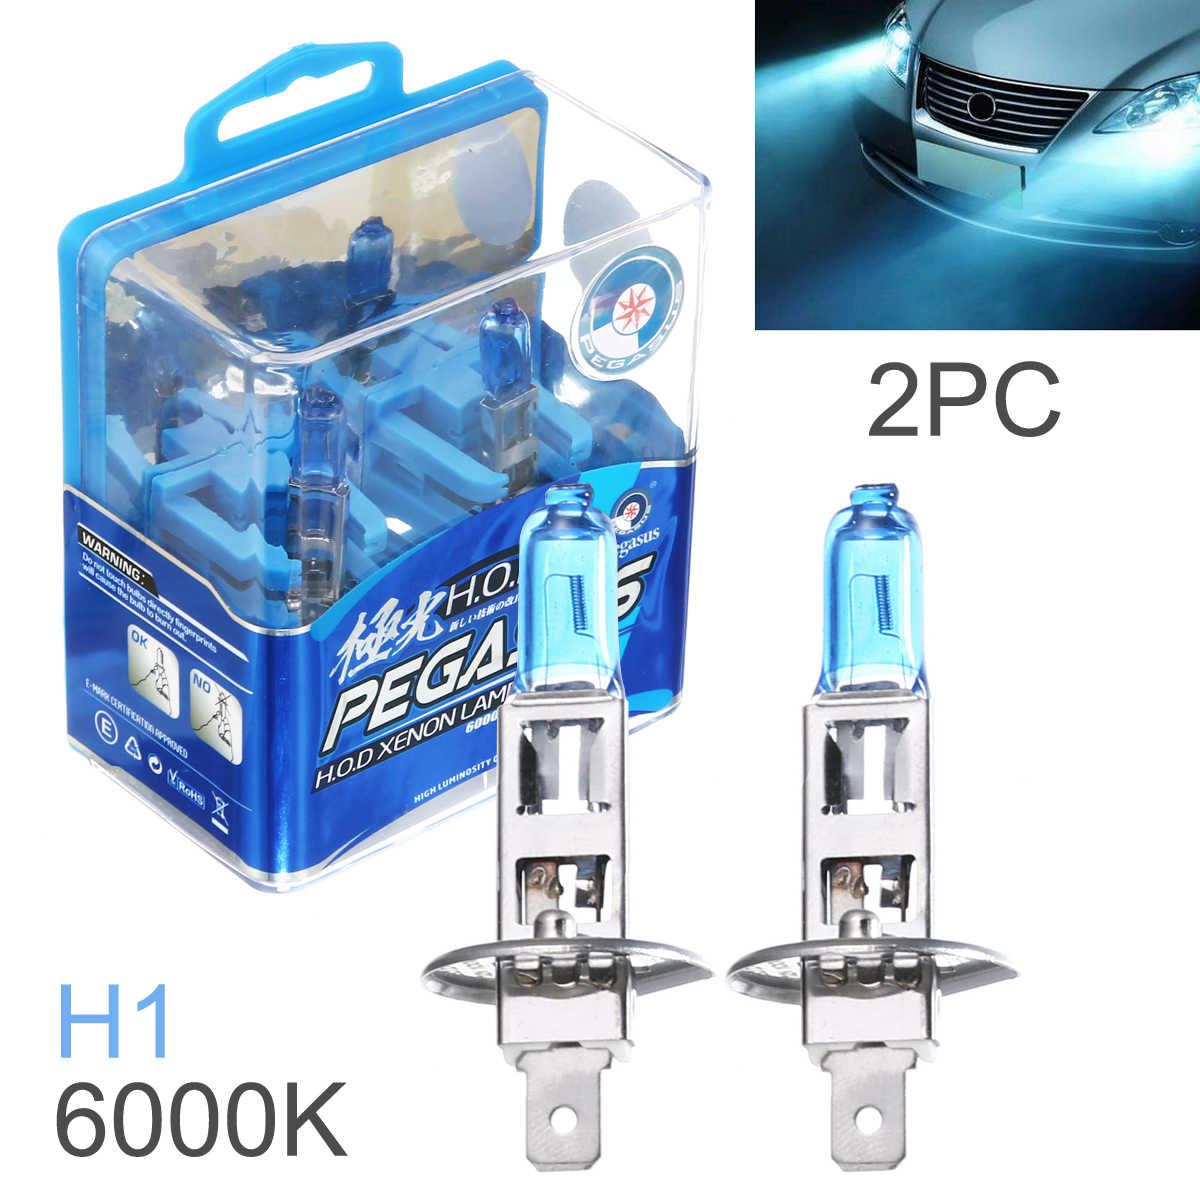 H1 HALOGEN HEADLIGHT 6000K SUPER WHITE 100W DC 12V LIGHT BULB